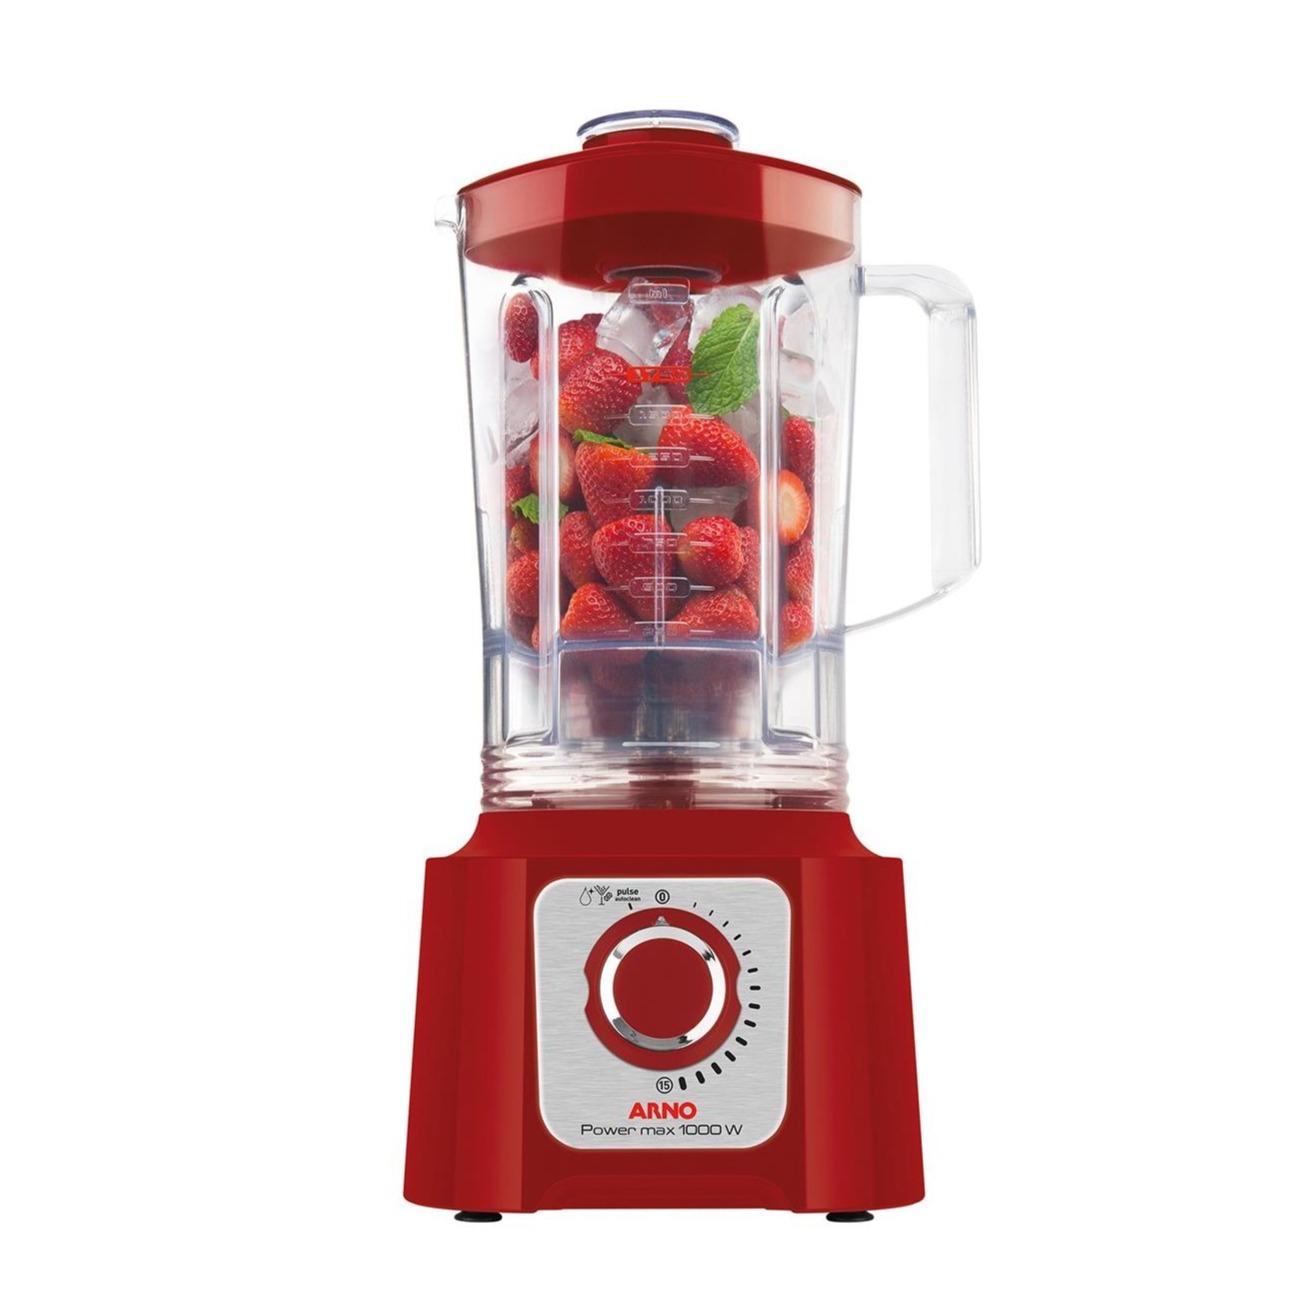 Liquidificador Arno 1000W Vermelho 220V - LN54-220